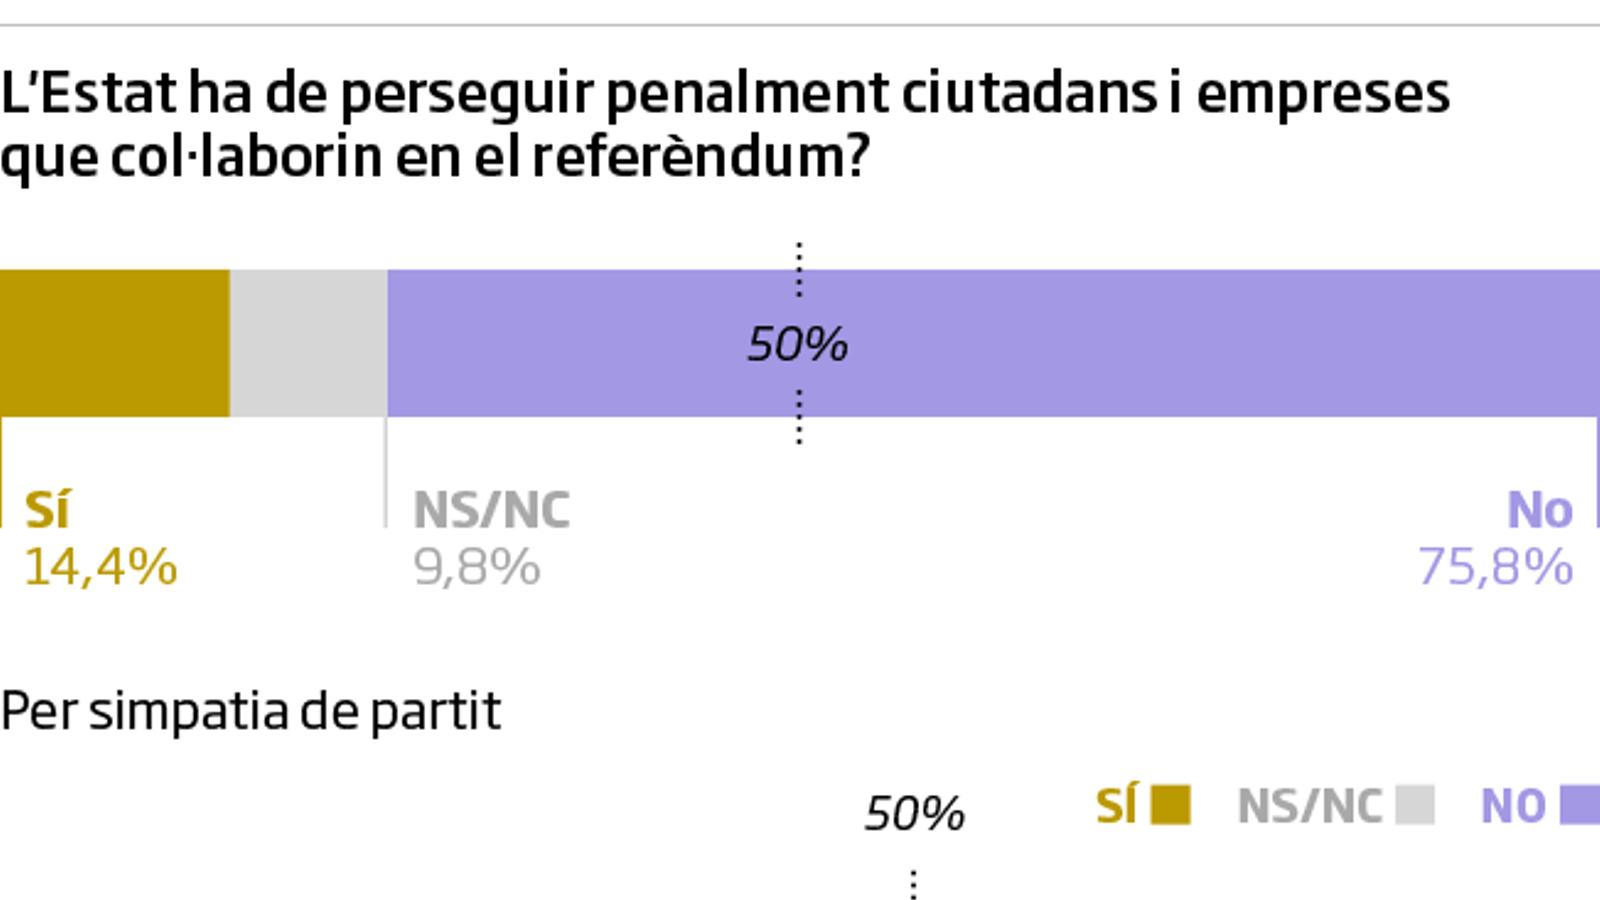 Les claus del dia: Tres de cada quatre catalans rebutgen la repressió de l'Estat, segons l'enquesta de l'ARA